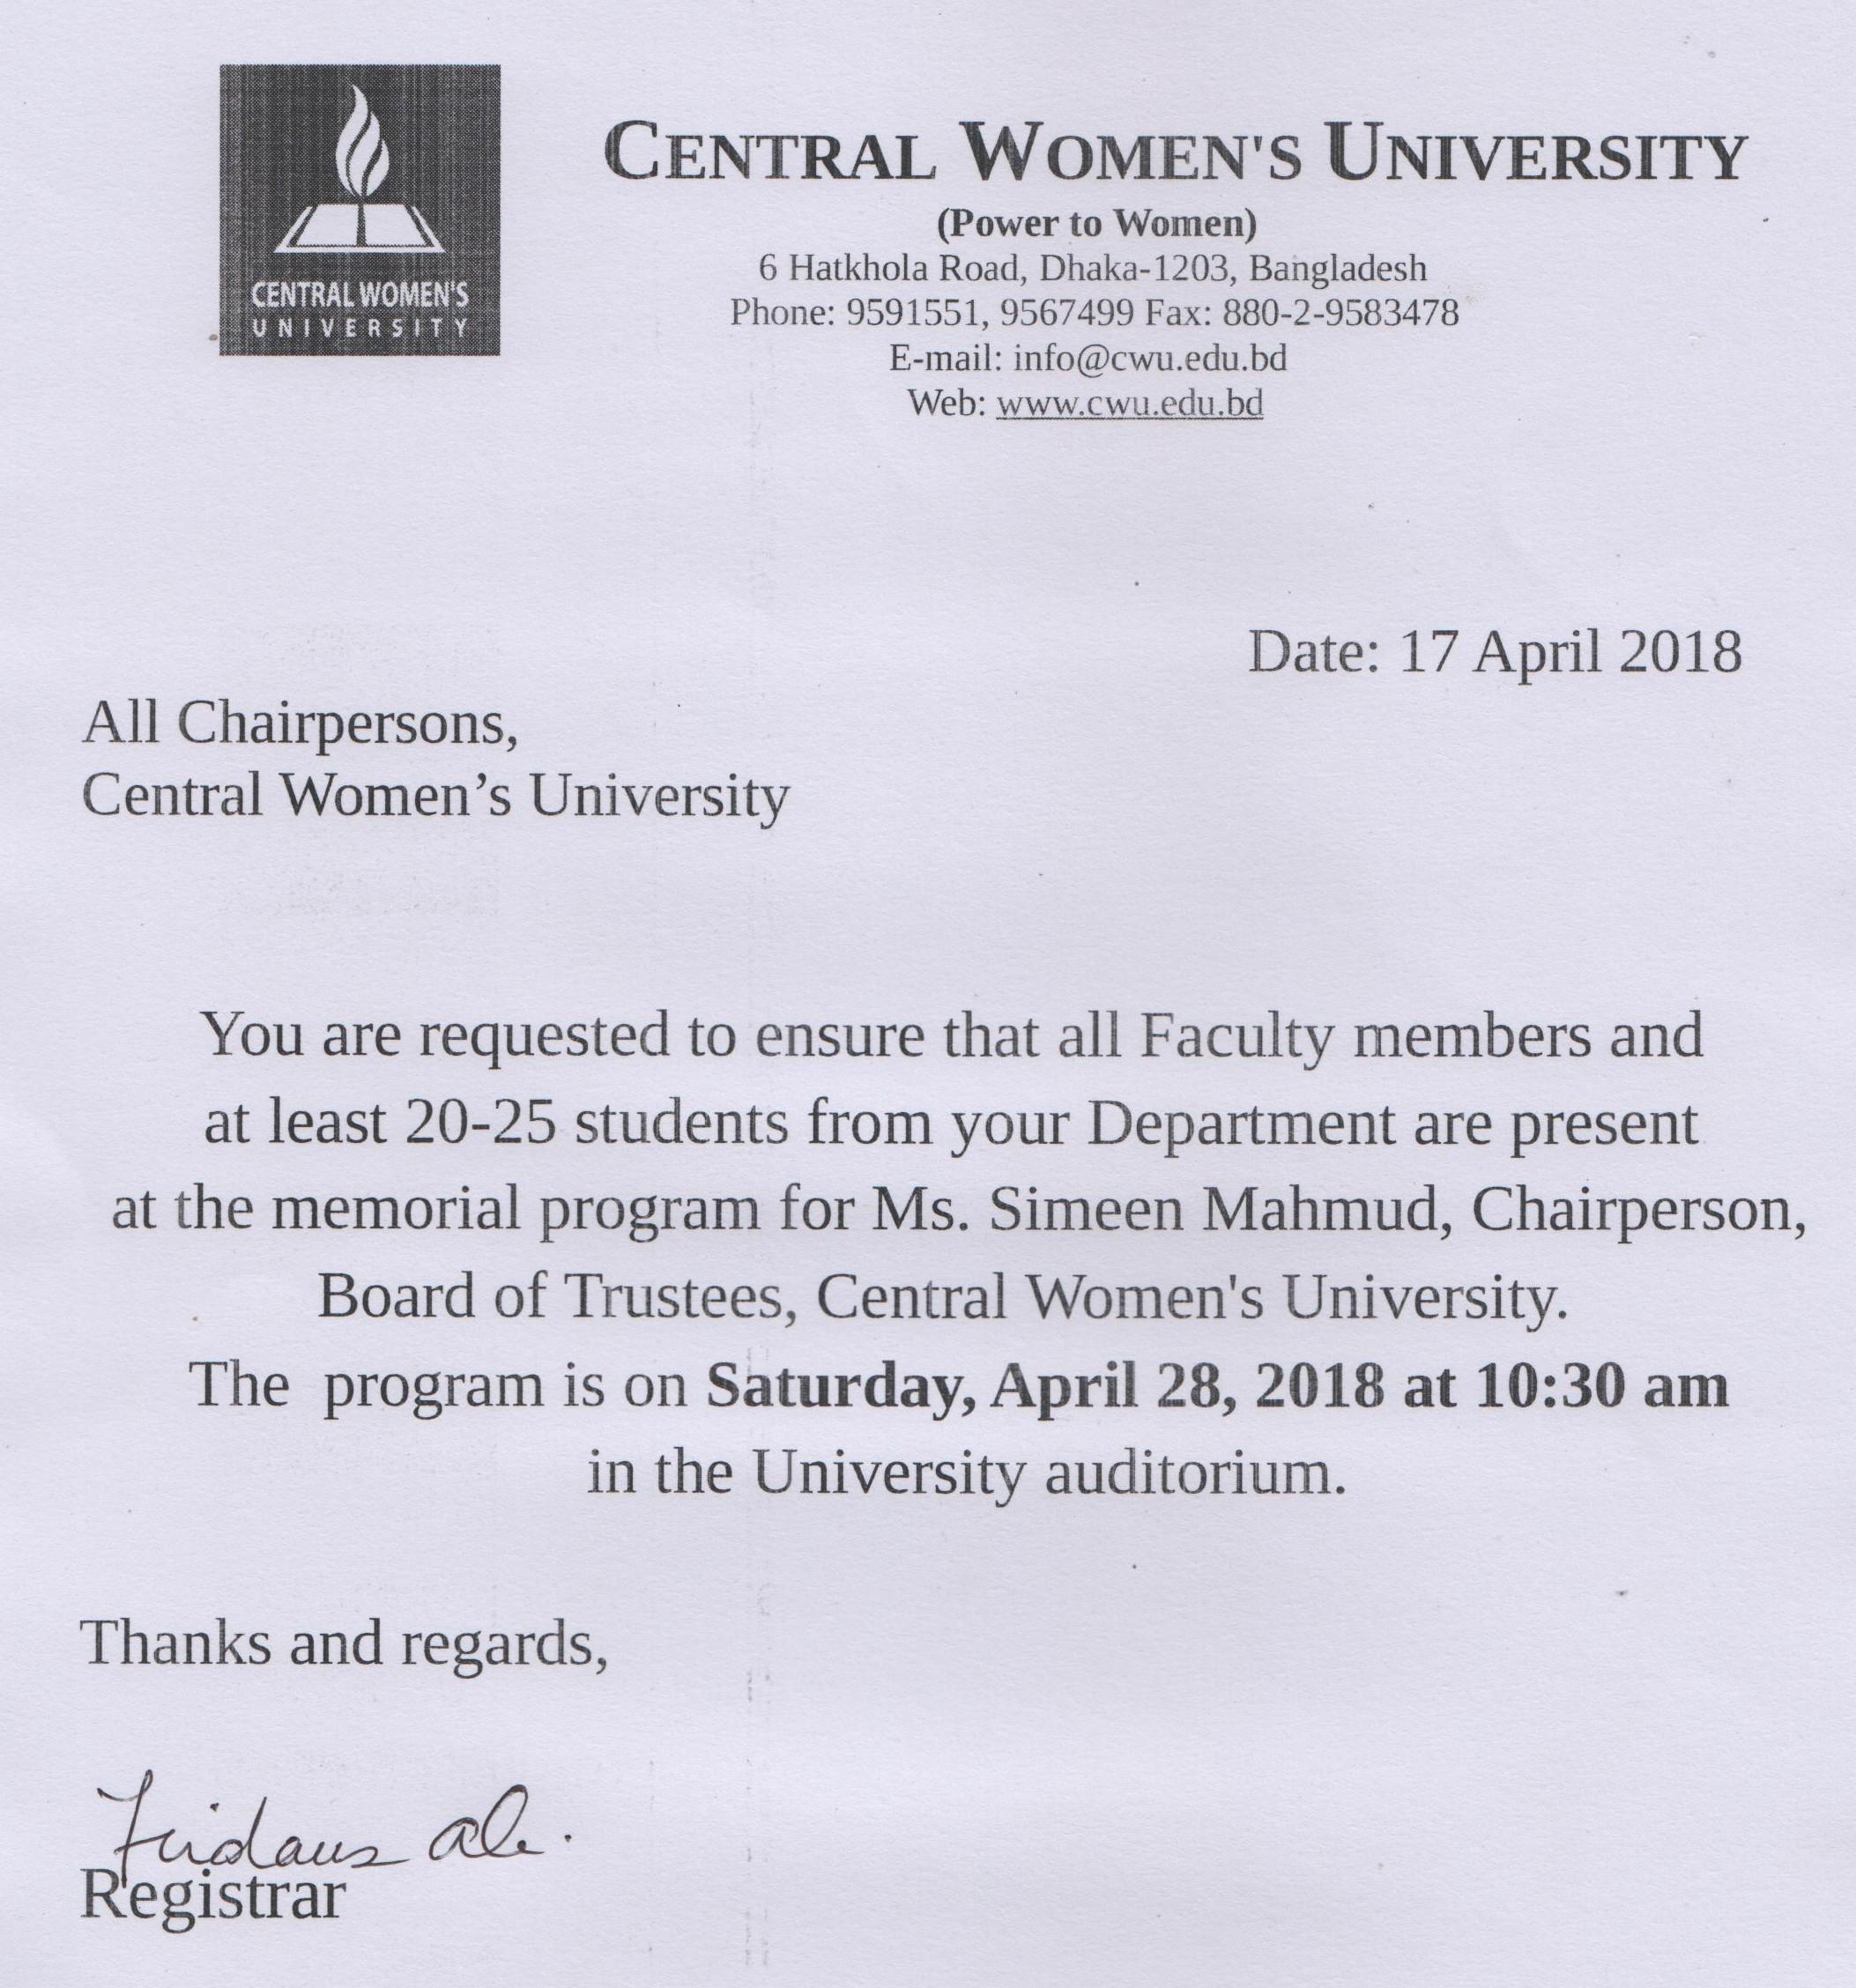 Central Women's University | Memorial program for Ms  Simeen